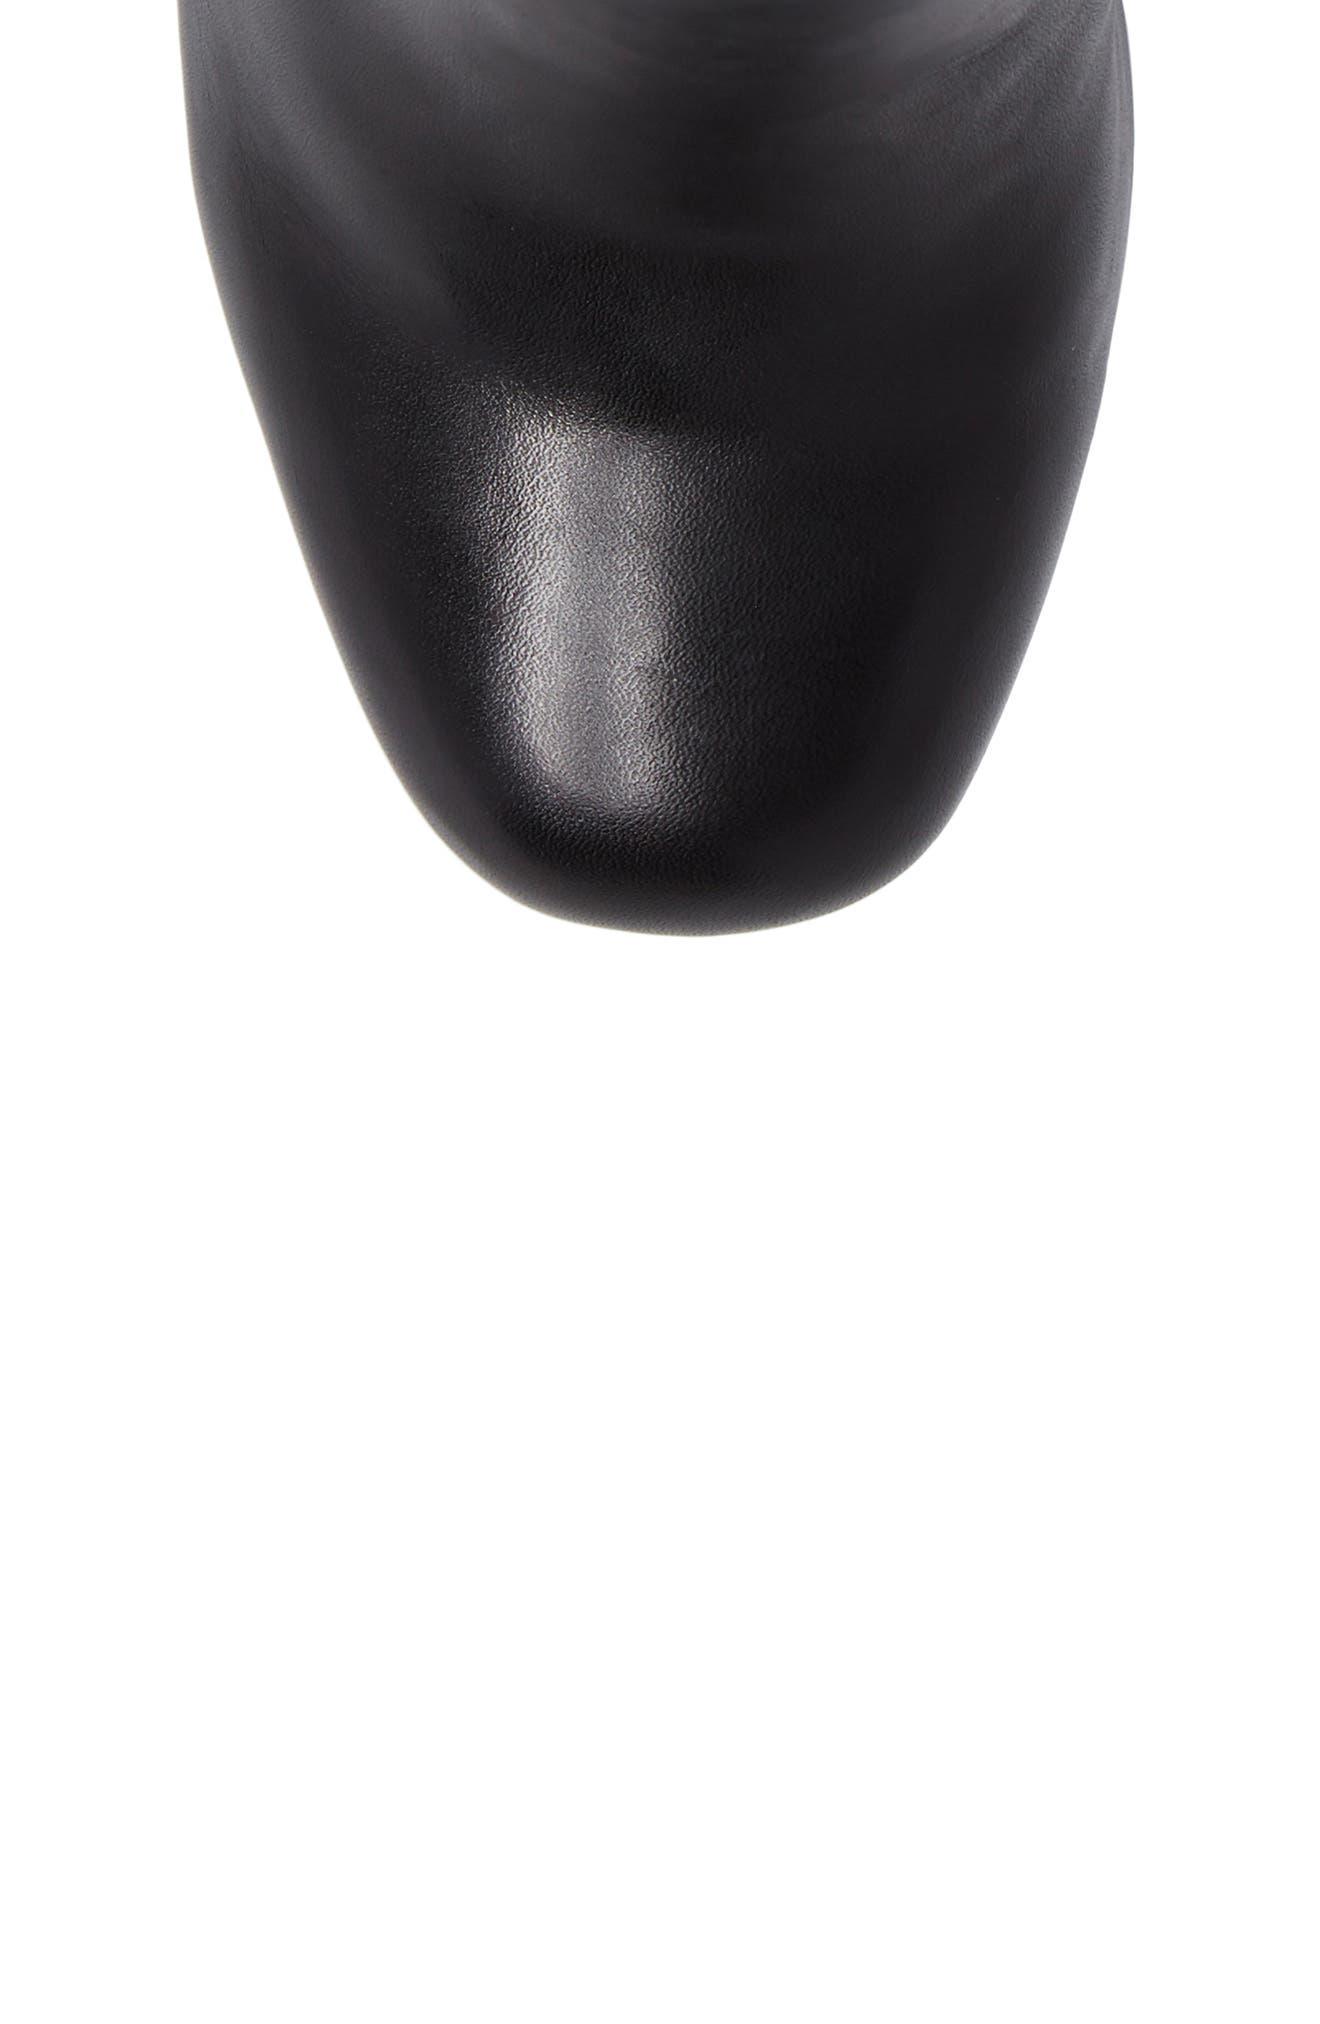 Sebille Platform Bootie,                             Alternate thumbnail 5, color,                             BLACK1 LEATHER